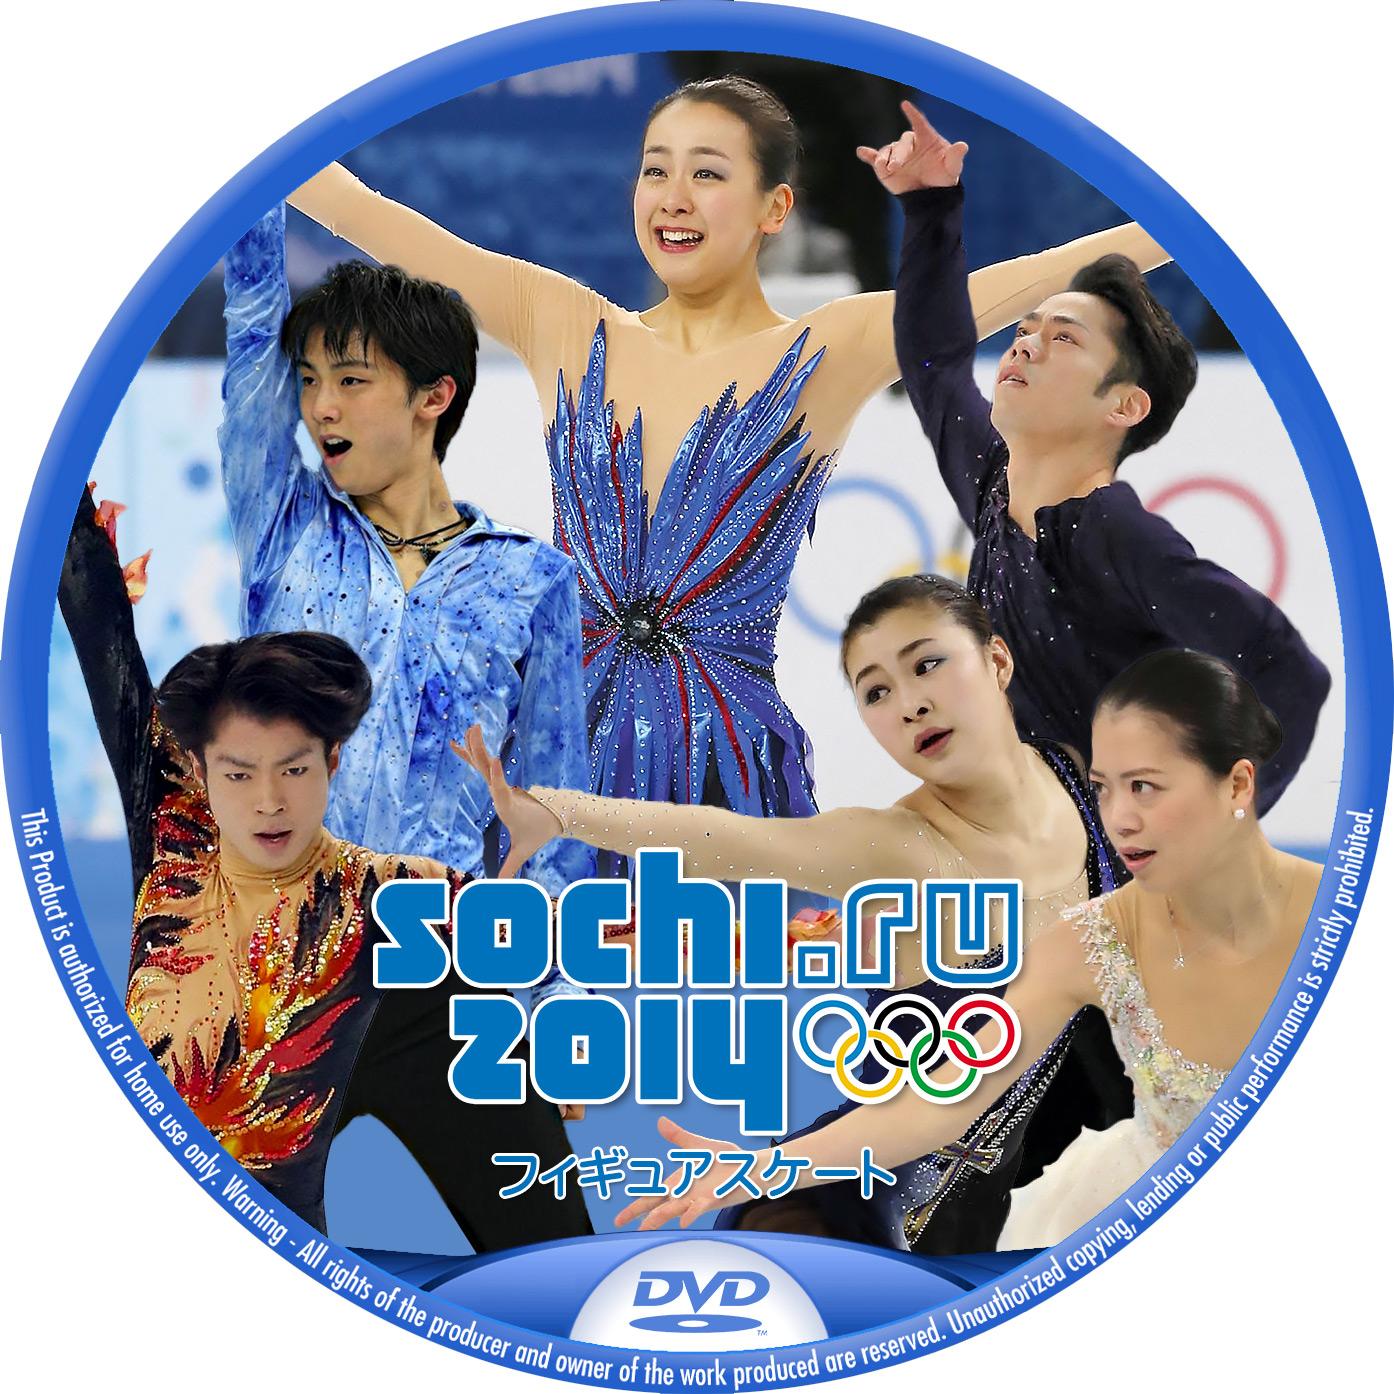 ソチ フィギュア 汎用 DVDラベル